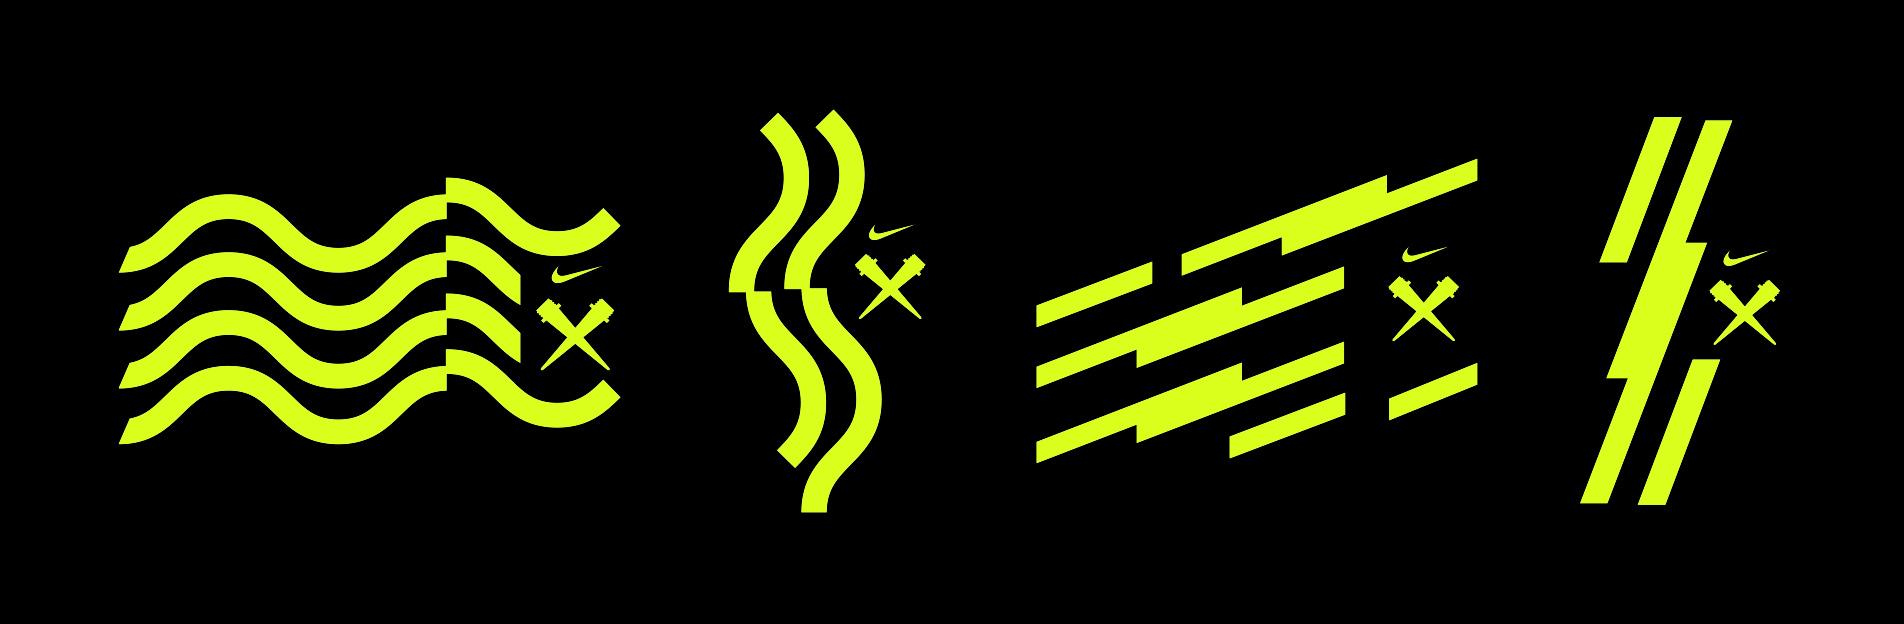 Nike_XC_Zilka_icons